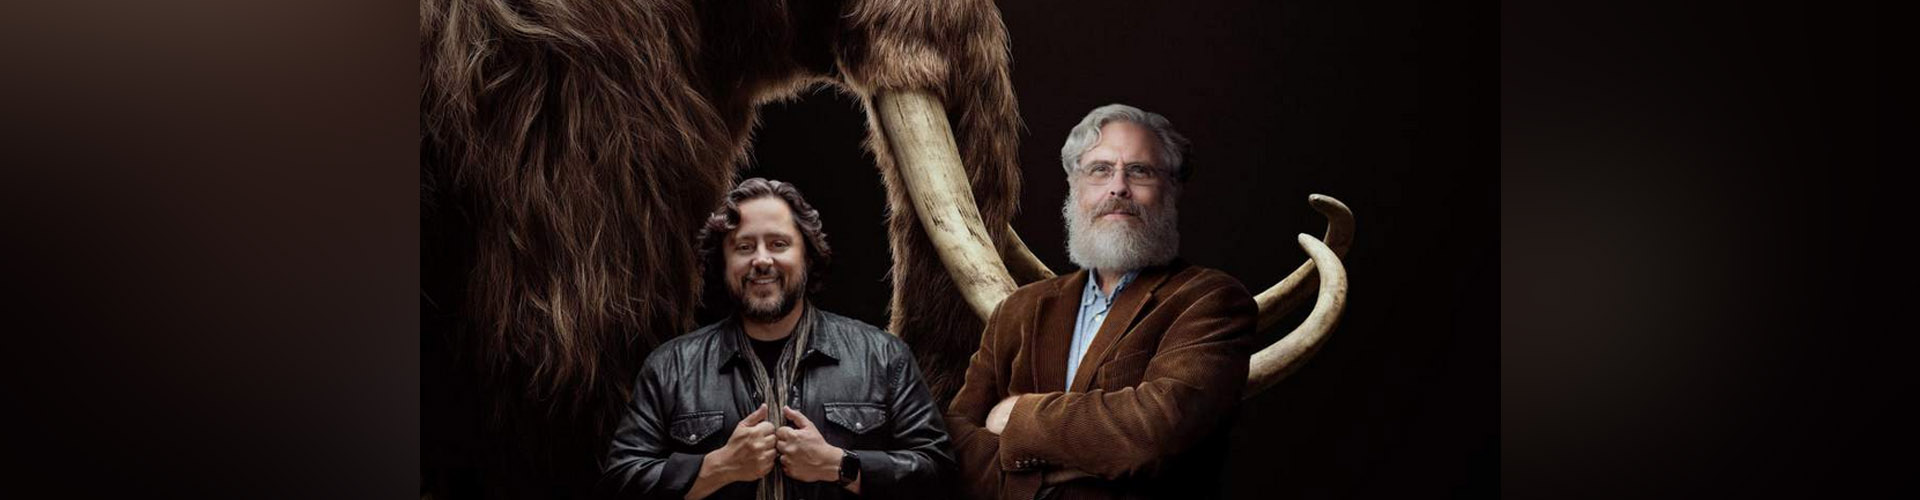 Empresa de genética busca resucitar a los mamuts para 'sanar' la Tierra